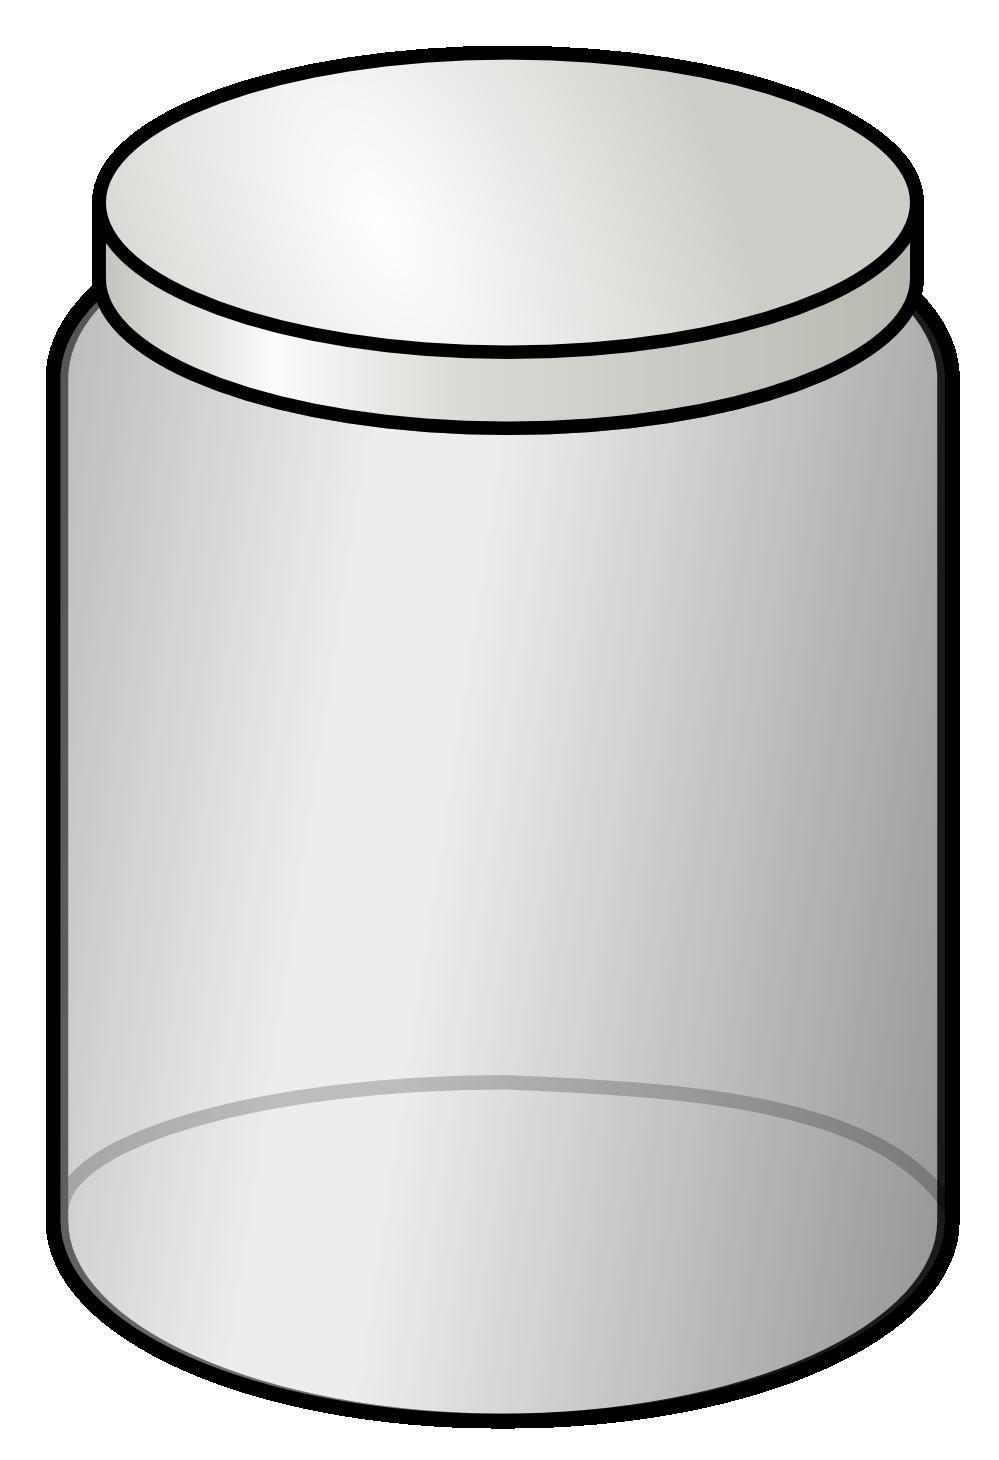 Words clipart jar. Mason clip art panda